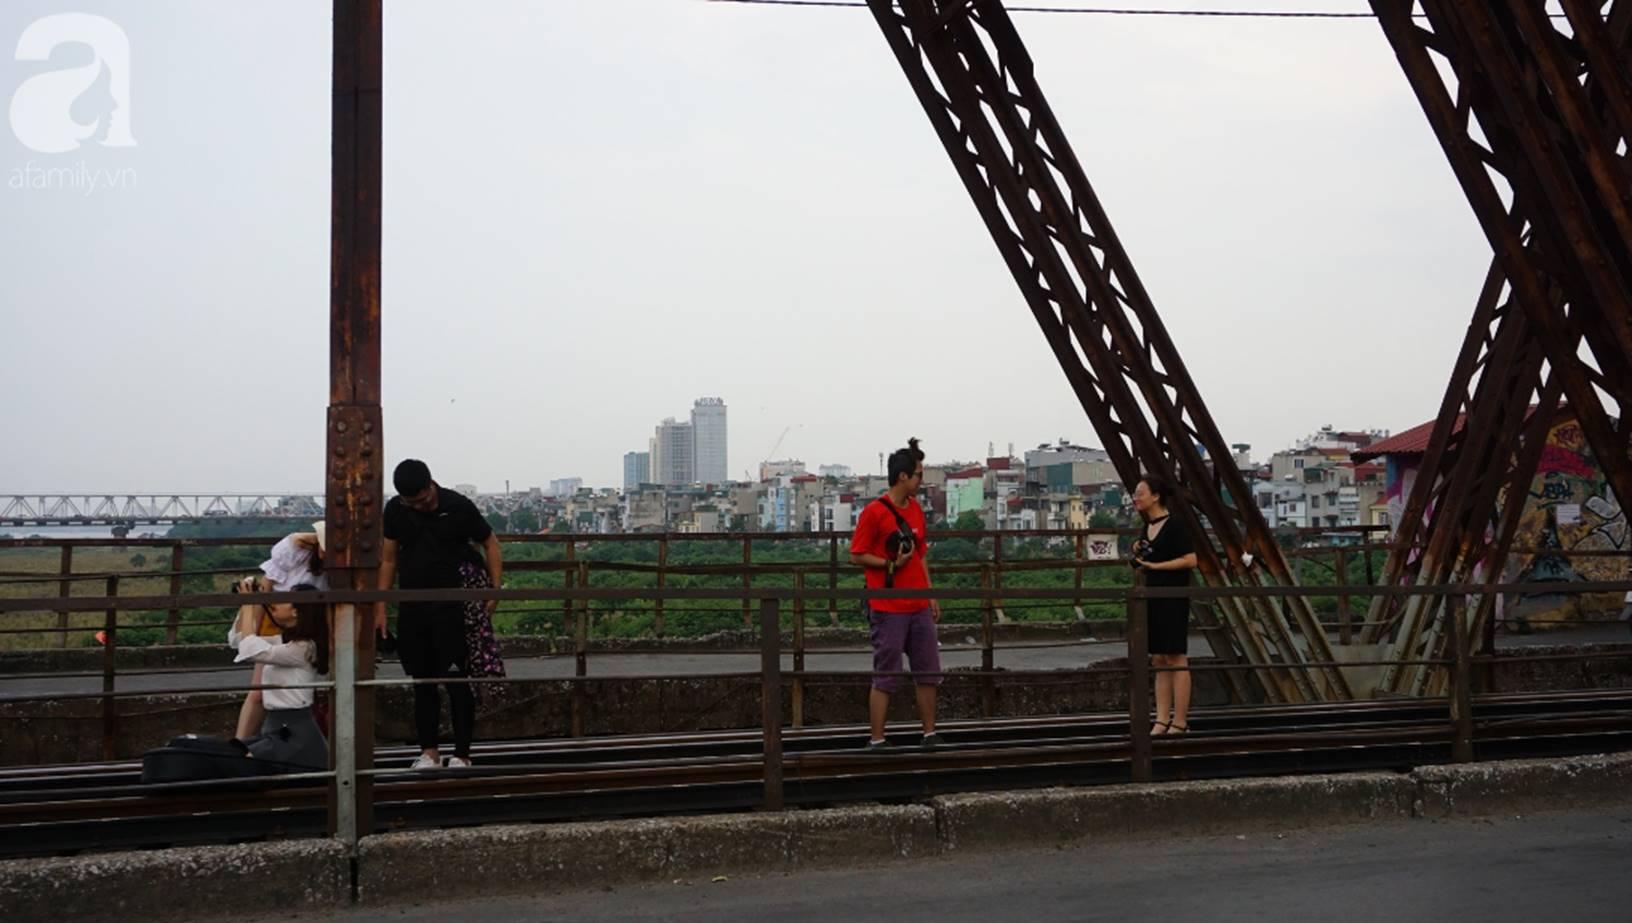 Hà Nội: Vứt tàn thuốc gây cháy dầm gỗ cầu Long Biên, nhóm nam thanh nữ tú vẫn vô tư chụp ảnh sống ảo trên đường ray-9